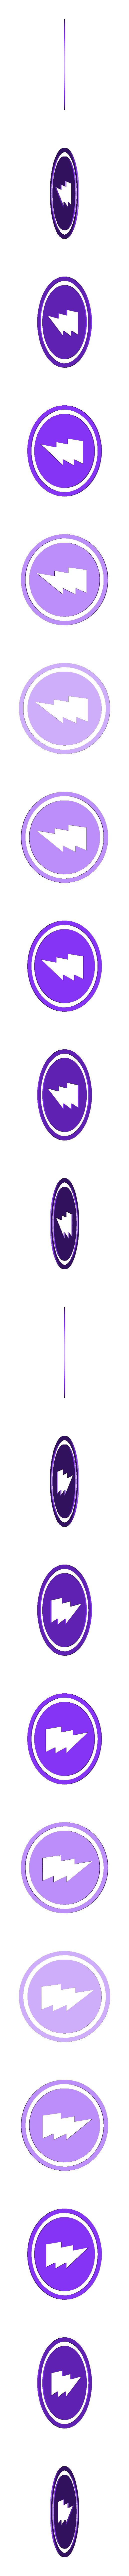 ttc-side-logo-Bolt.stl Download free STL file Time Tracking Cube • 3D print design, Adafruit